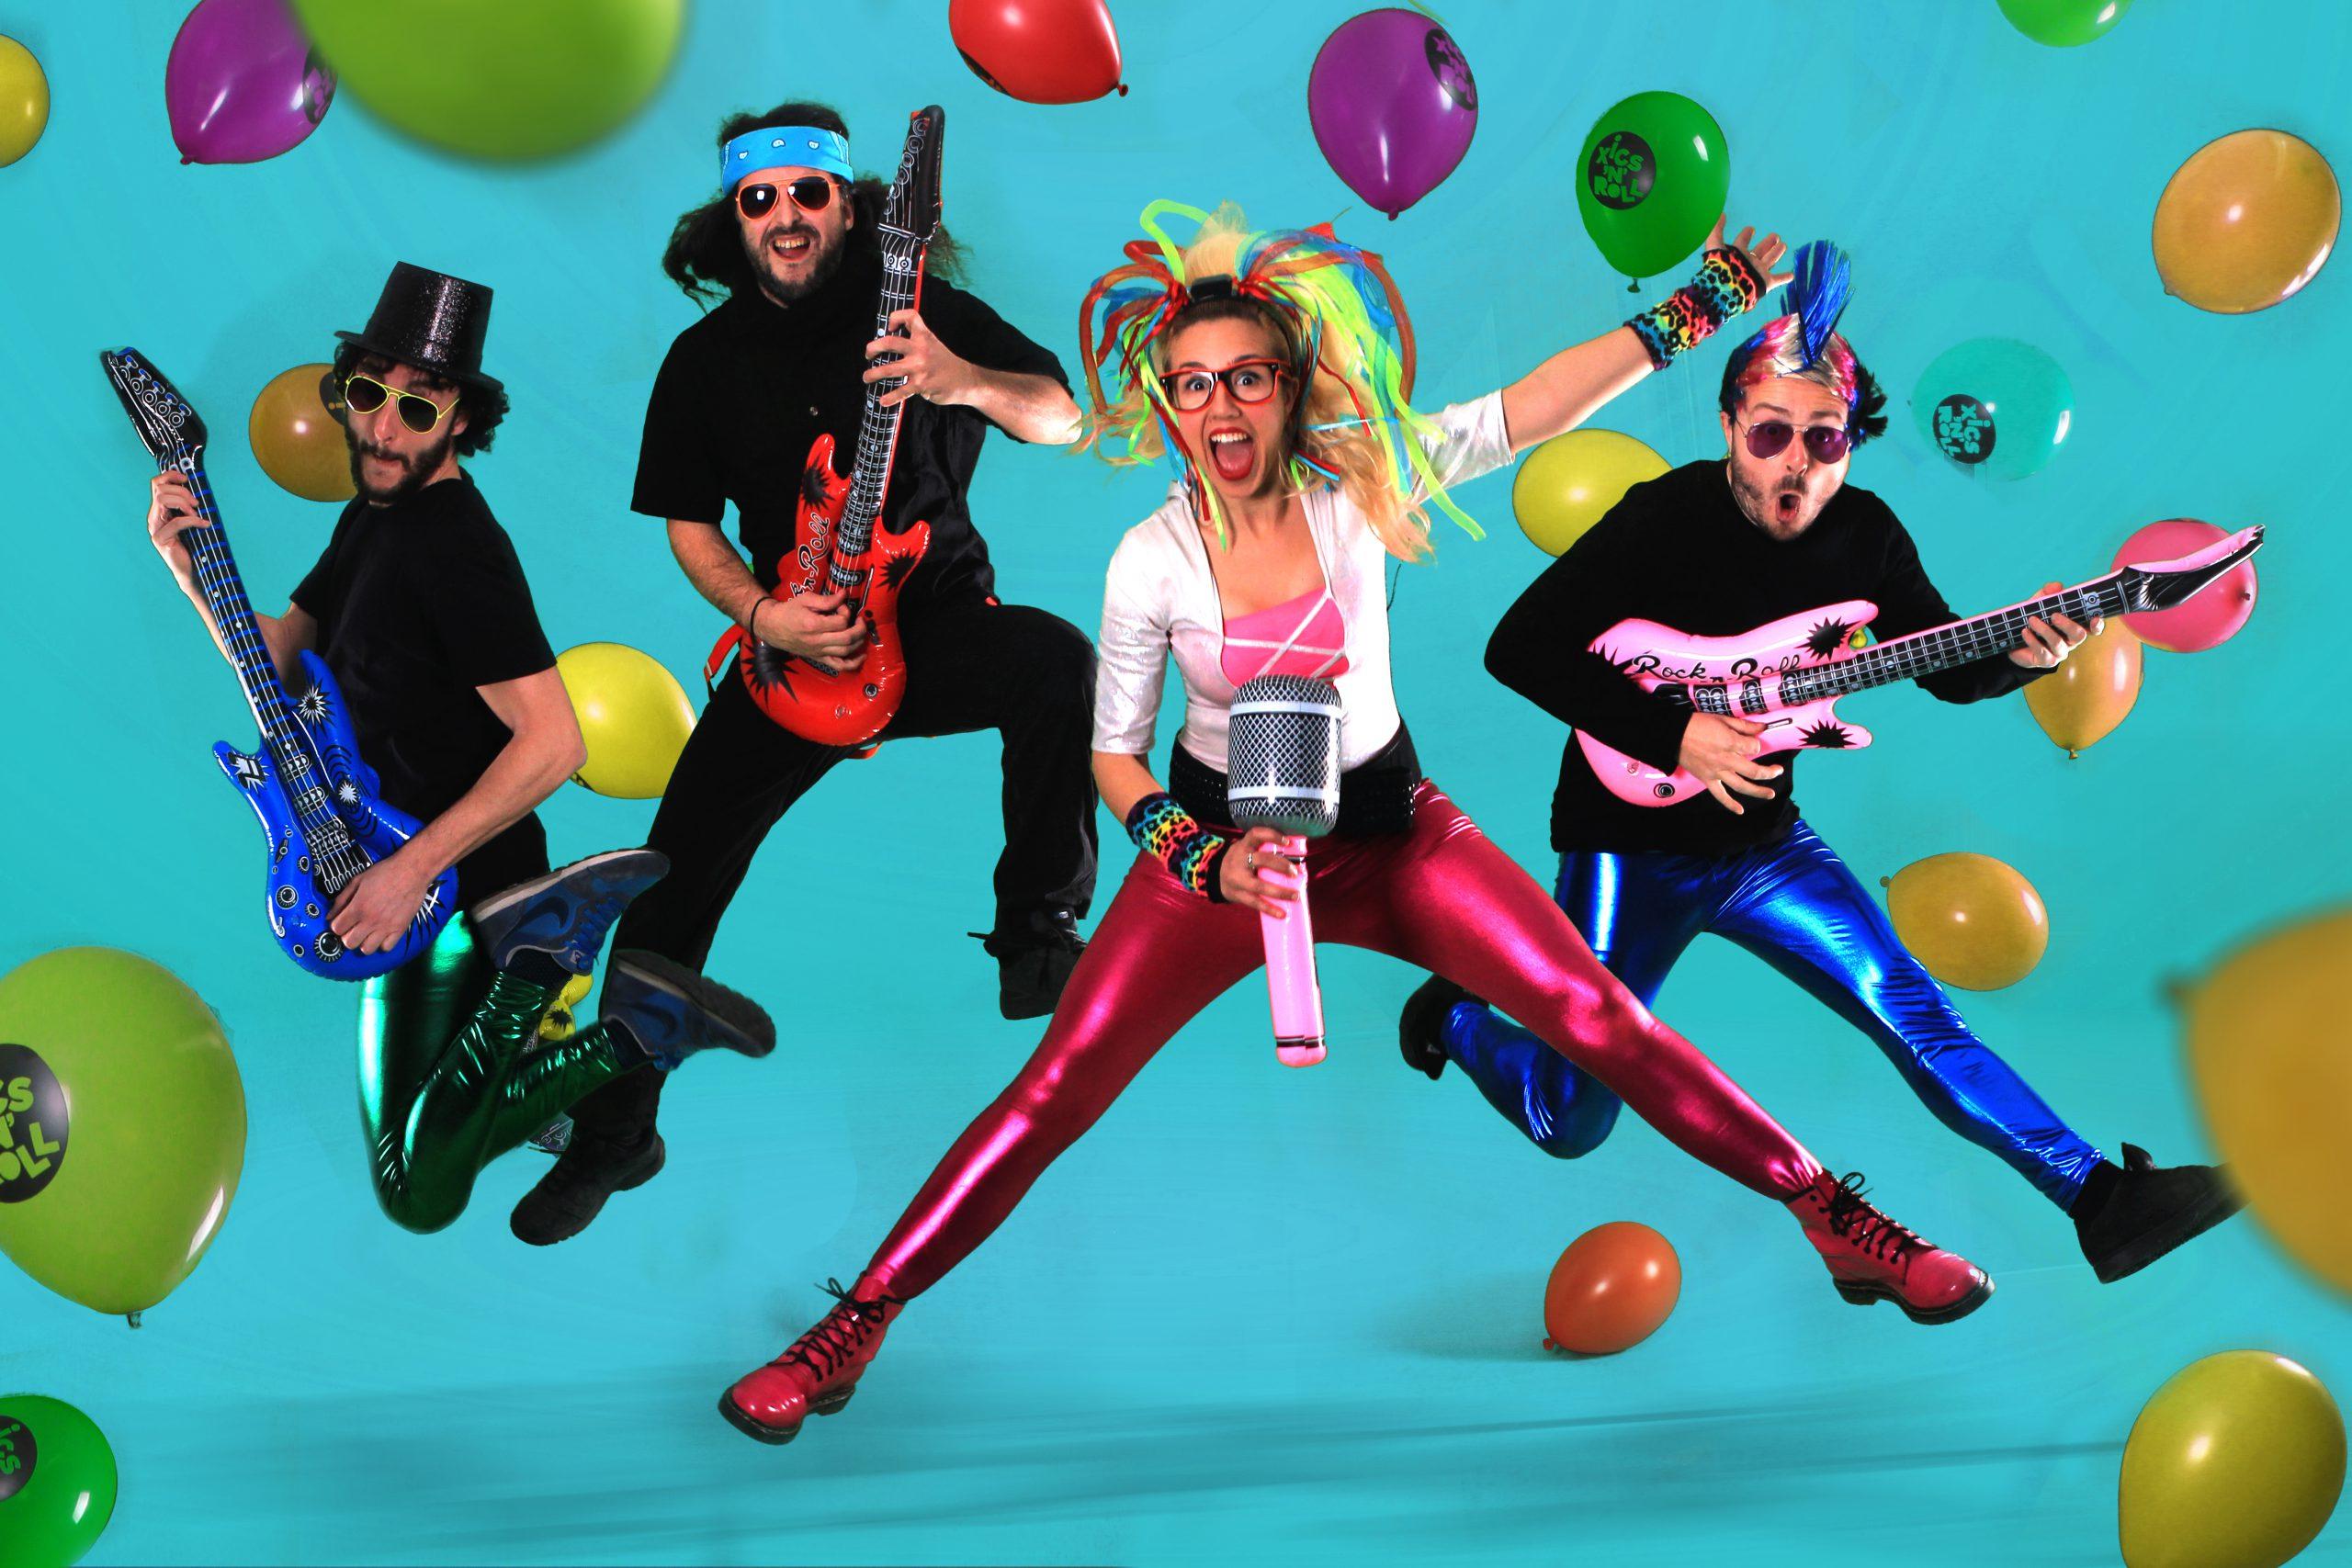 Descobreix 'The Beatles' amb la Xics'n'Roll Band - Xics'n'Roll Band